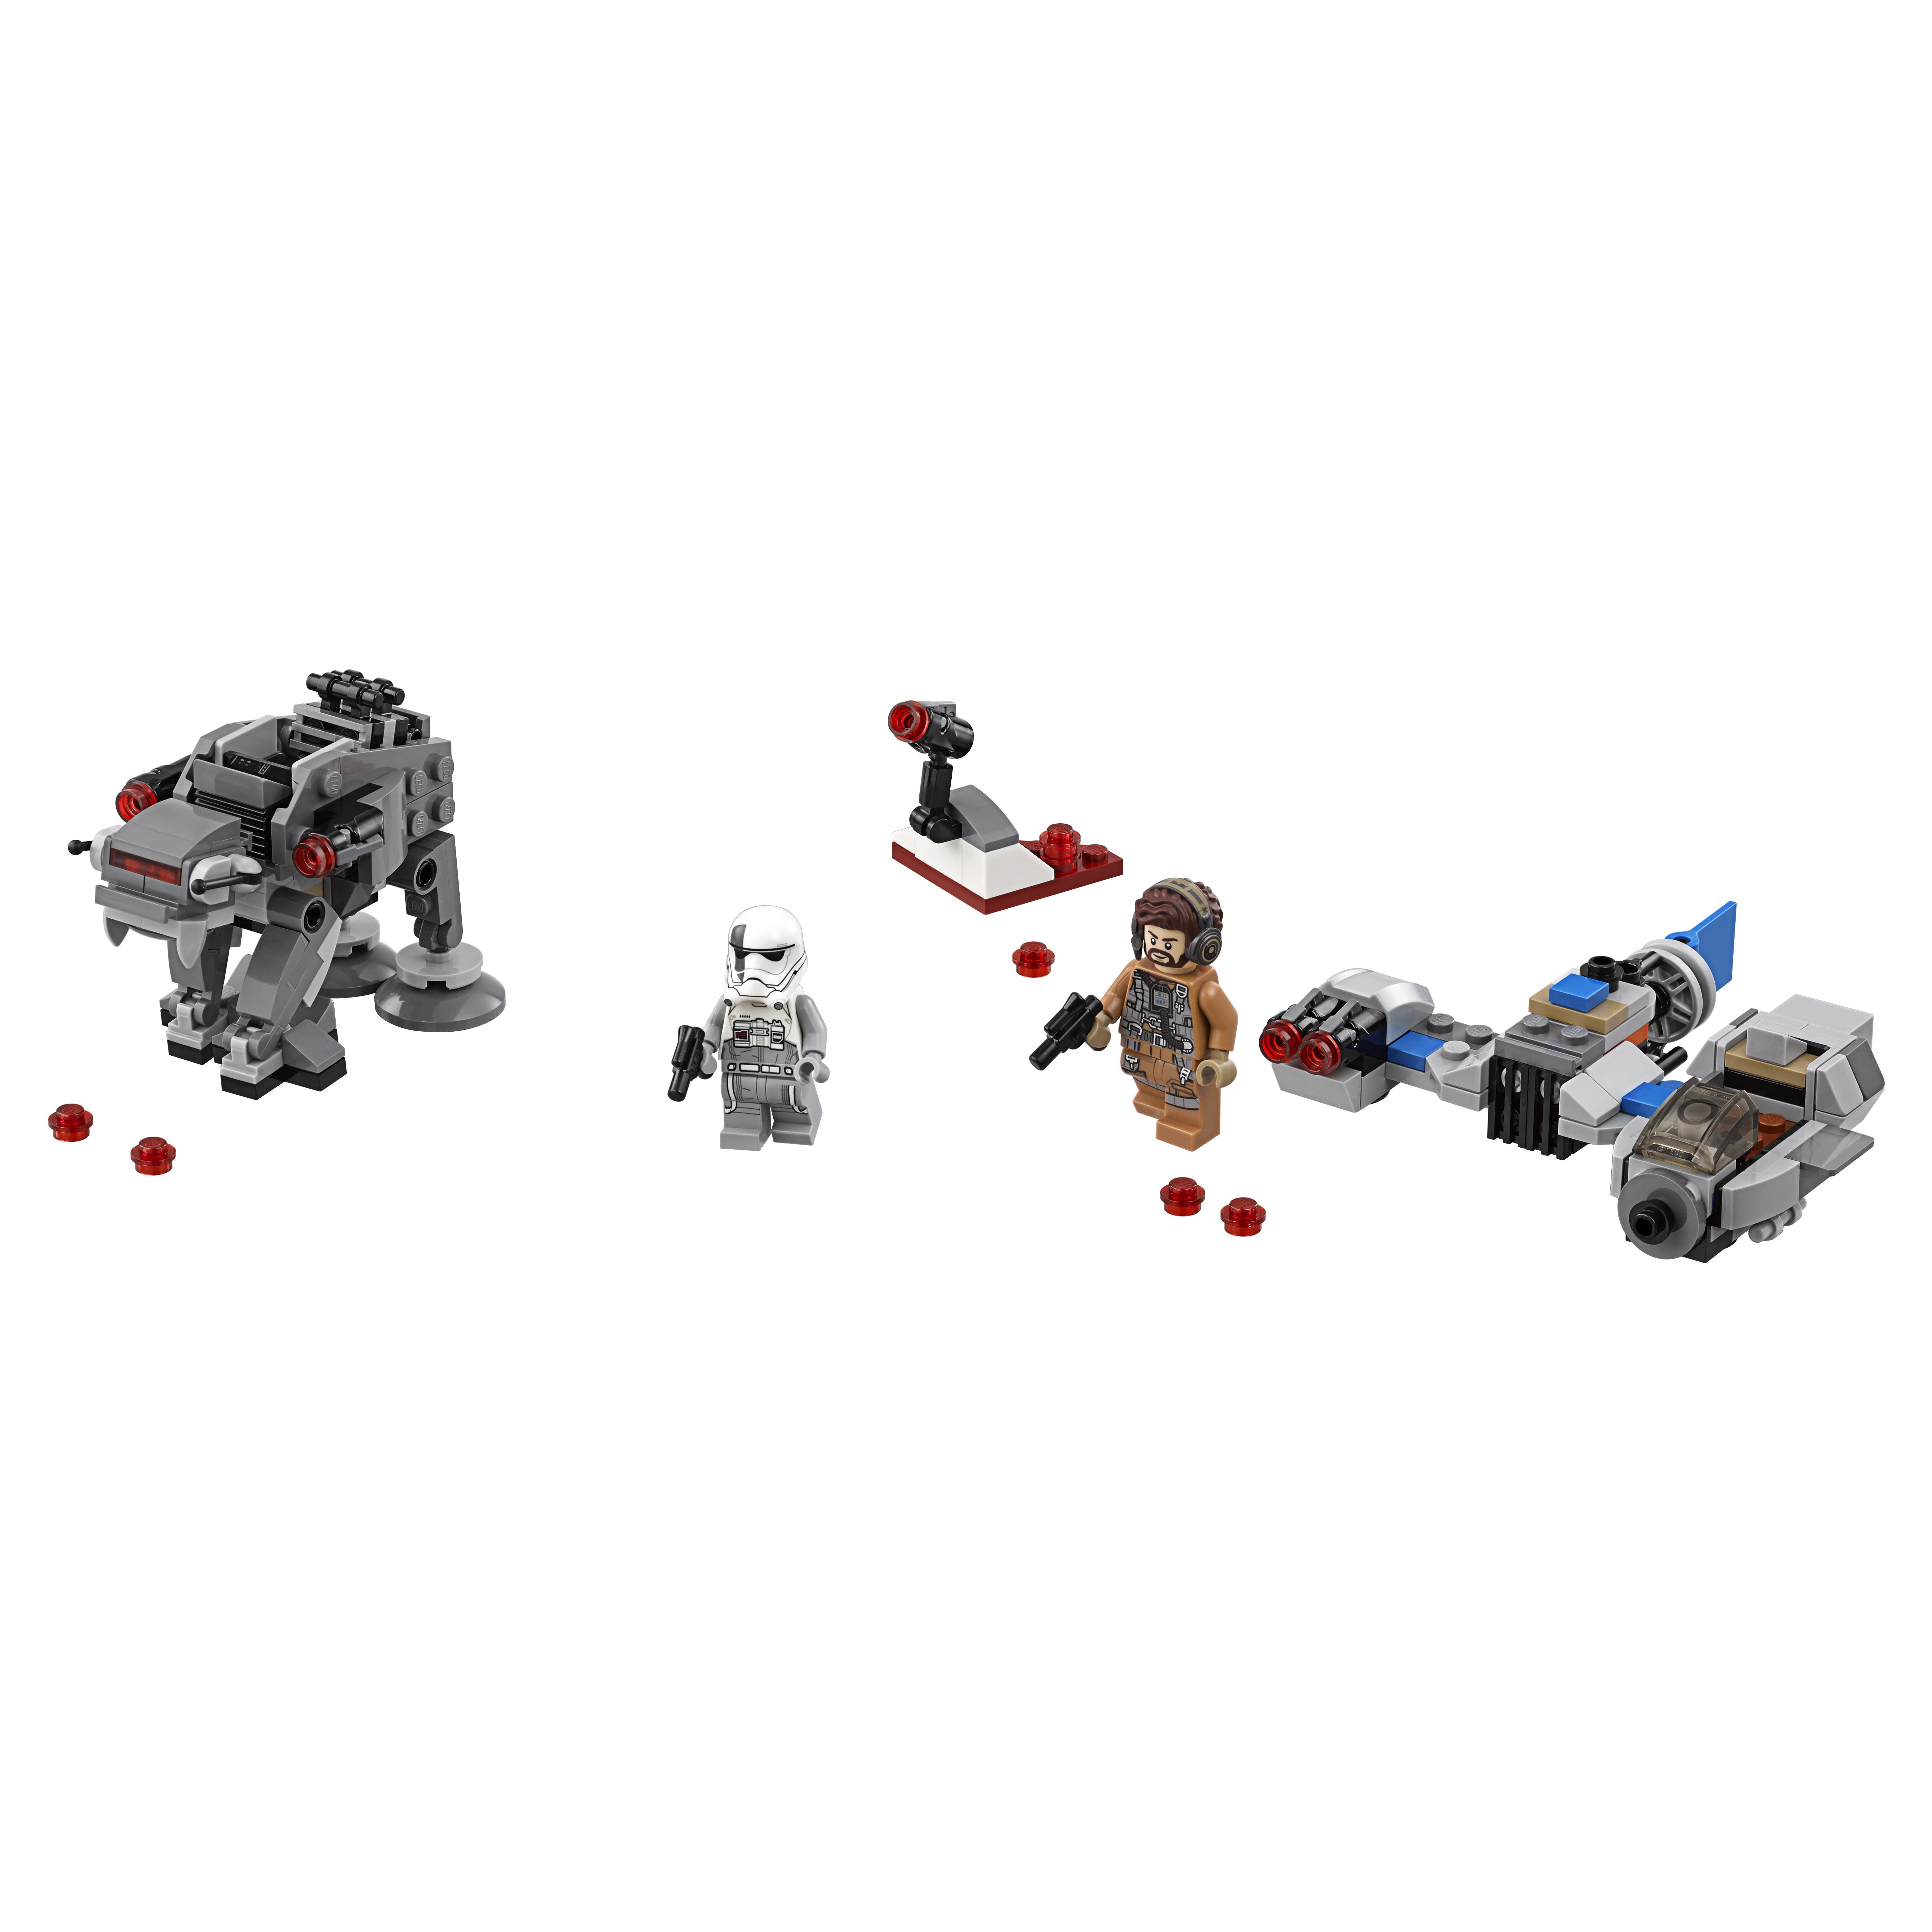 Конструктор LEGO Star Wars Бой пехотинцев Первого Ордена против спидера на лыжах (75195)